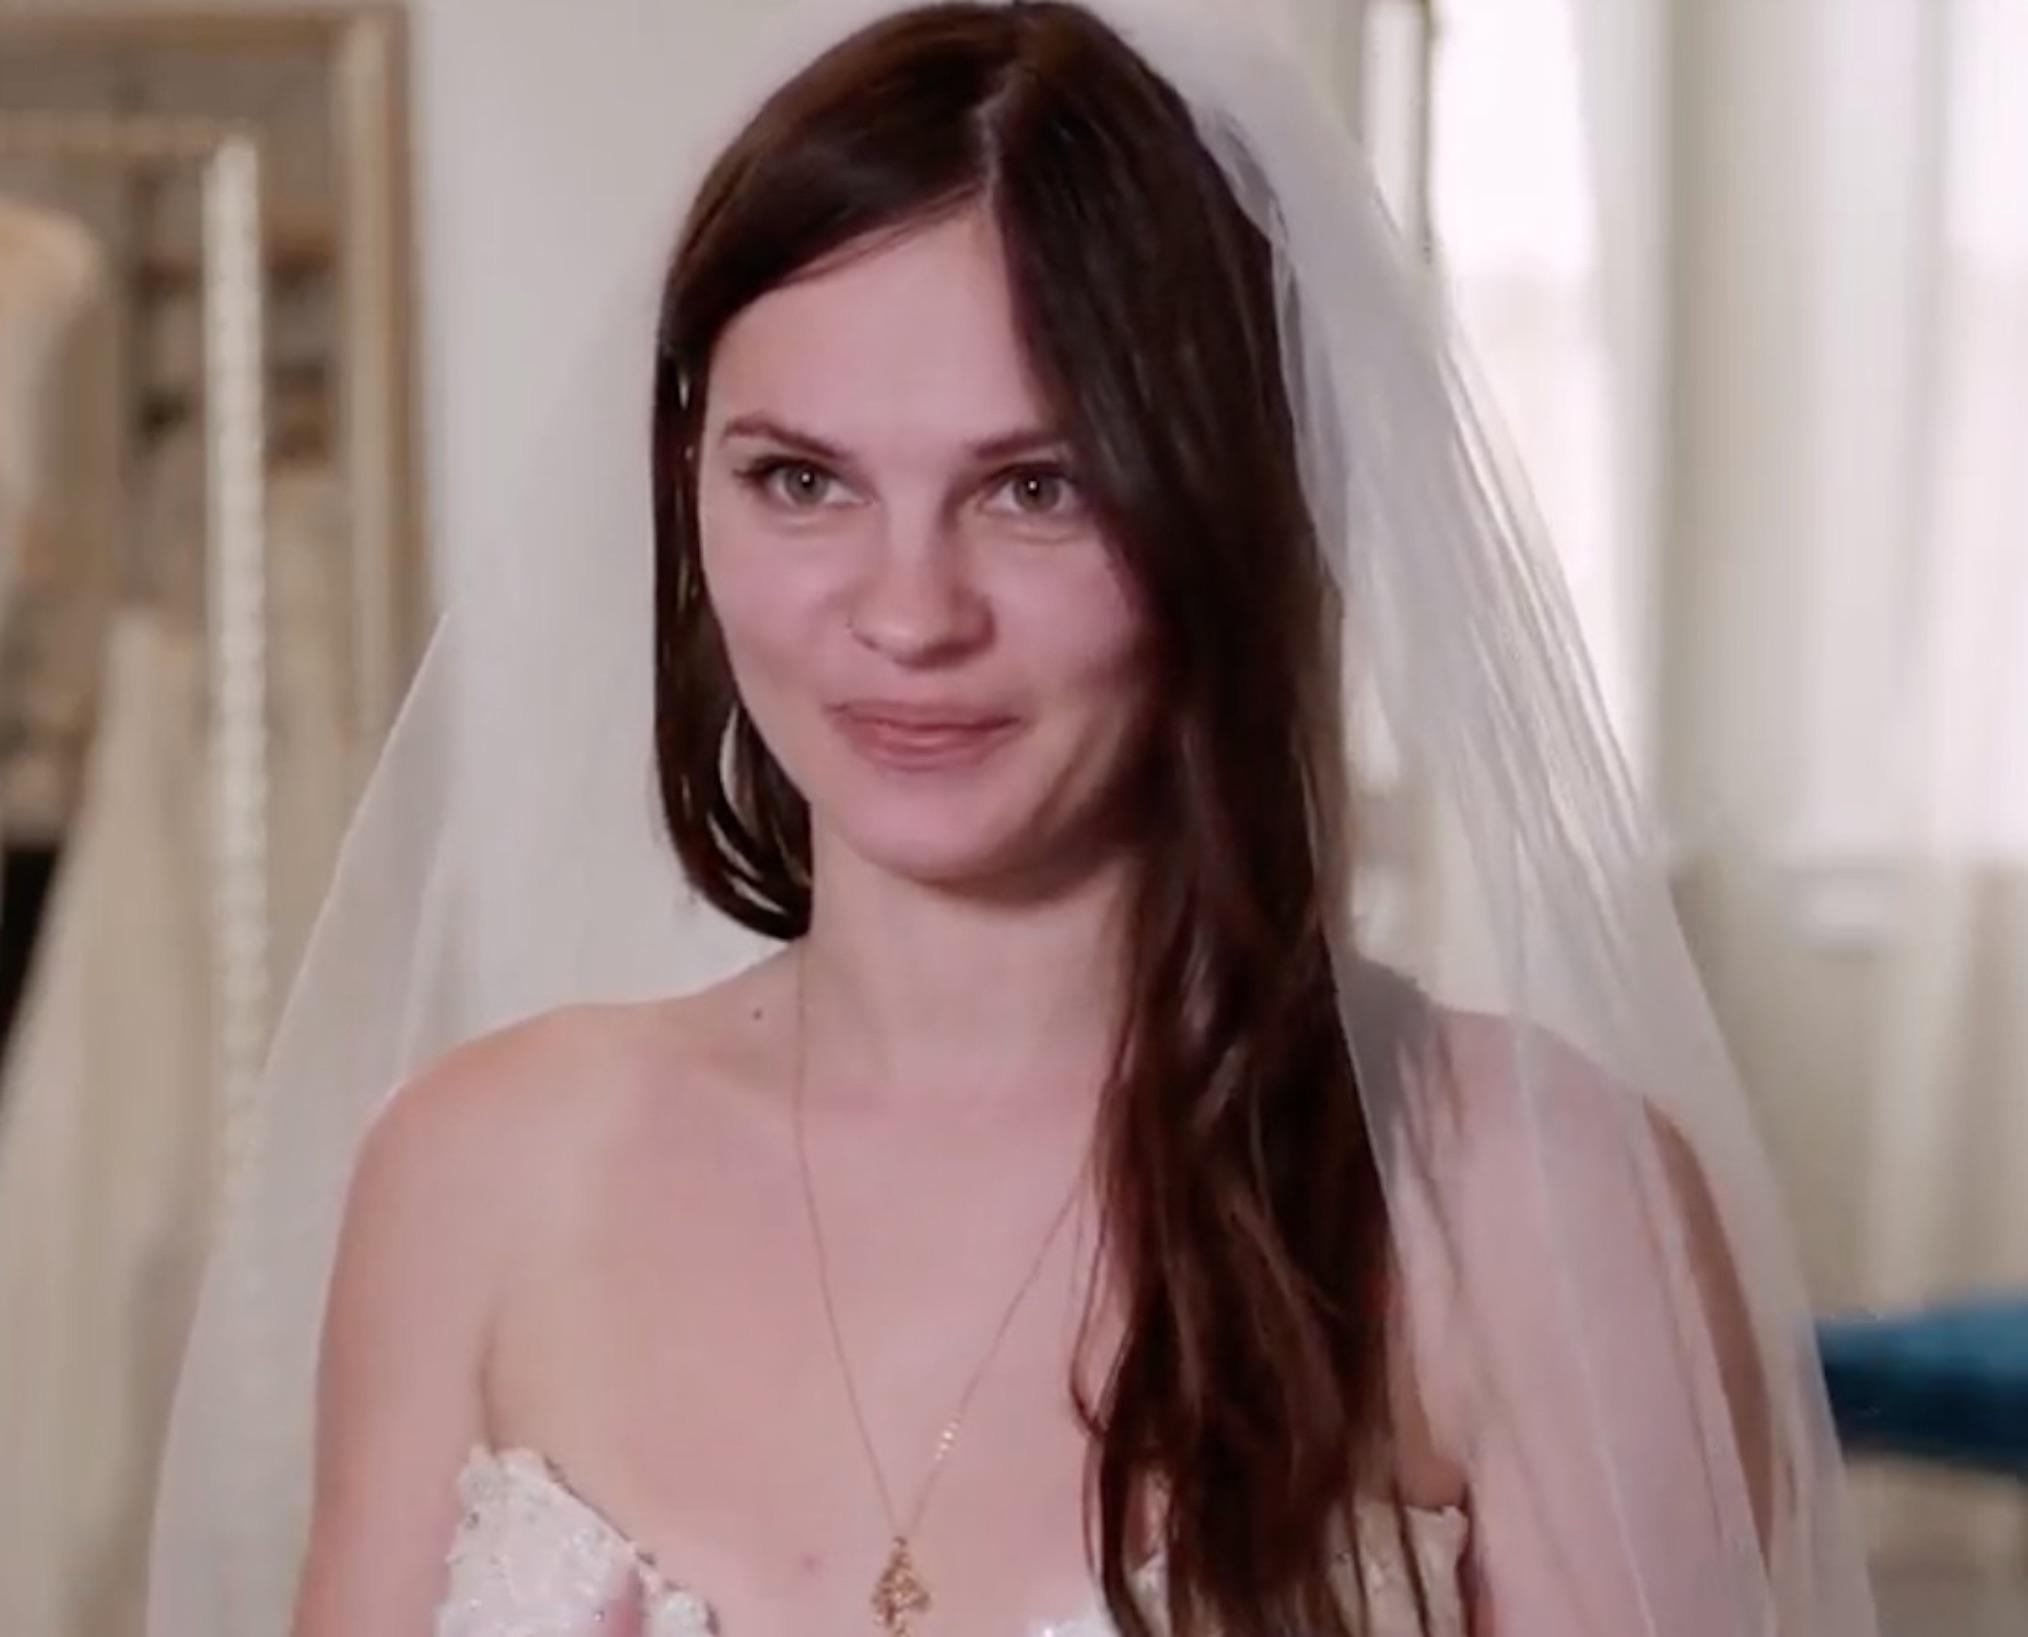 Julia, robe de mariée, mariage, fiancé de 90 jours